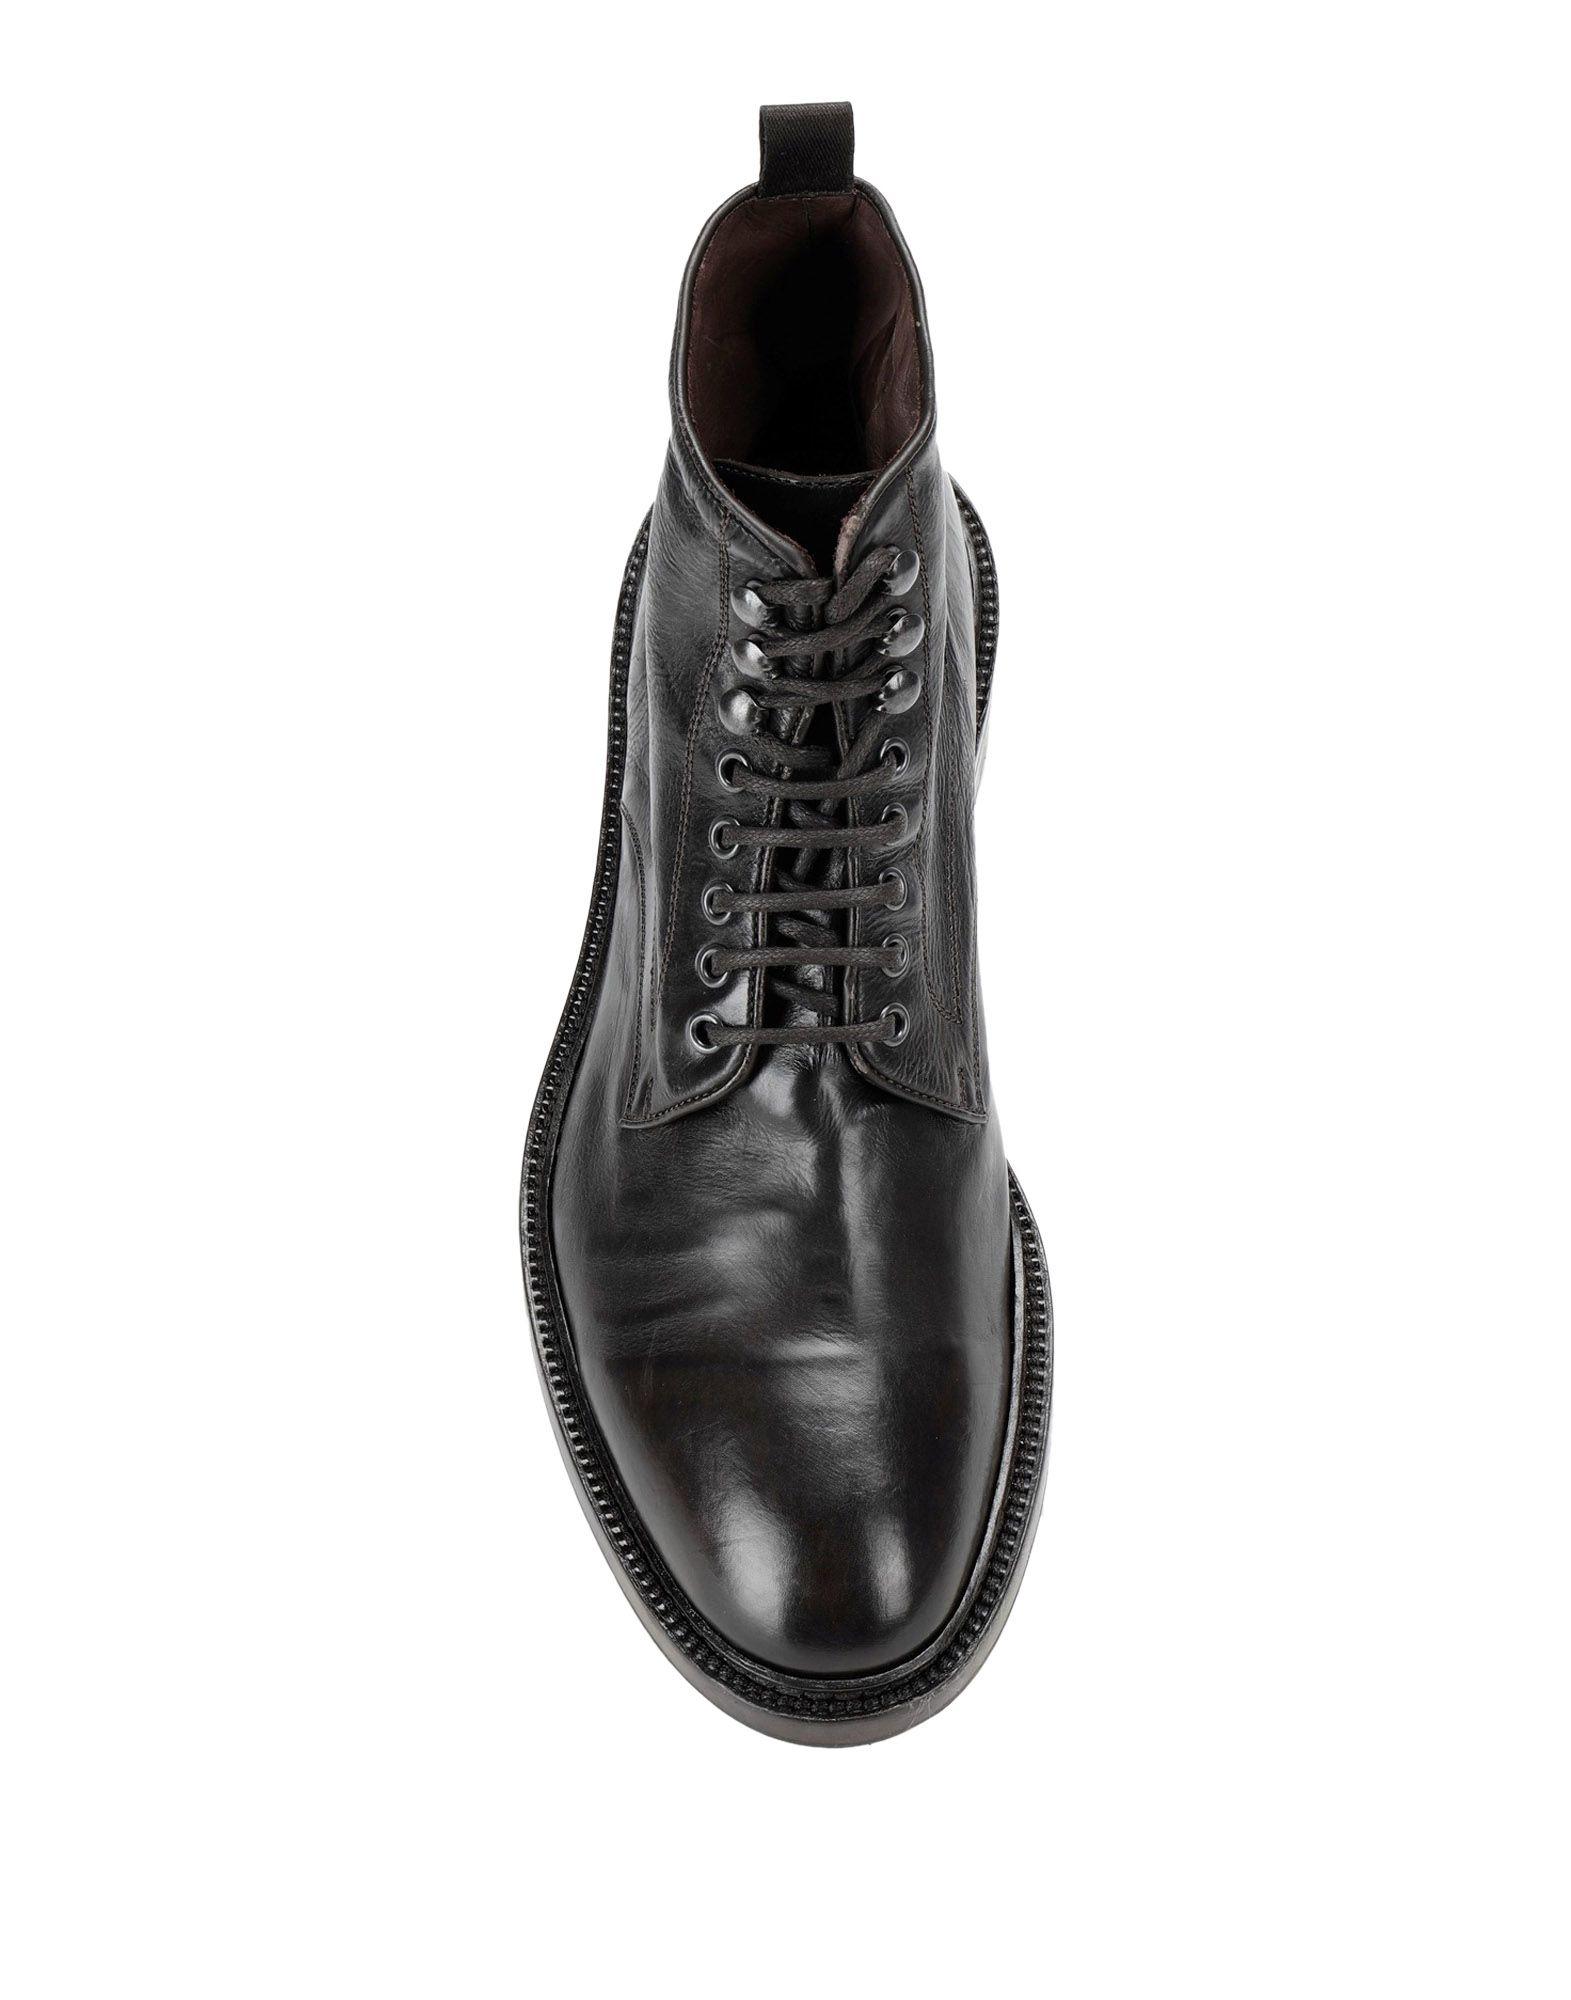 Sturlini Stiefelette Herren Qualität  11546025ST Gute Qualität Herren beliebte Schuhe 8e196c